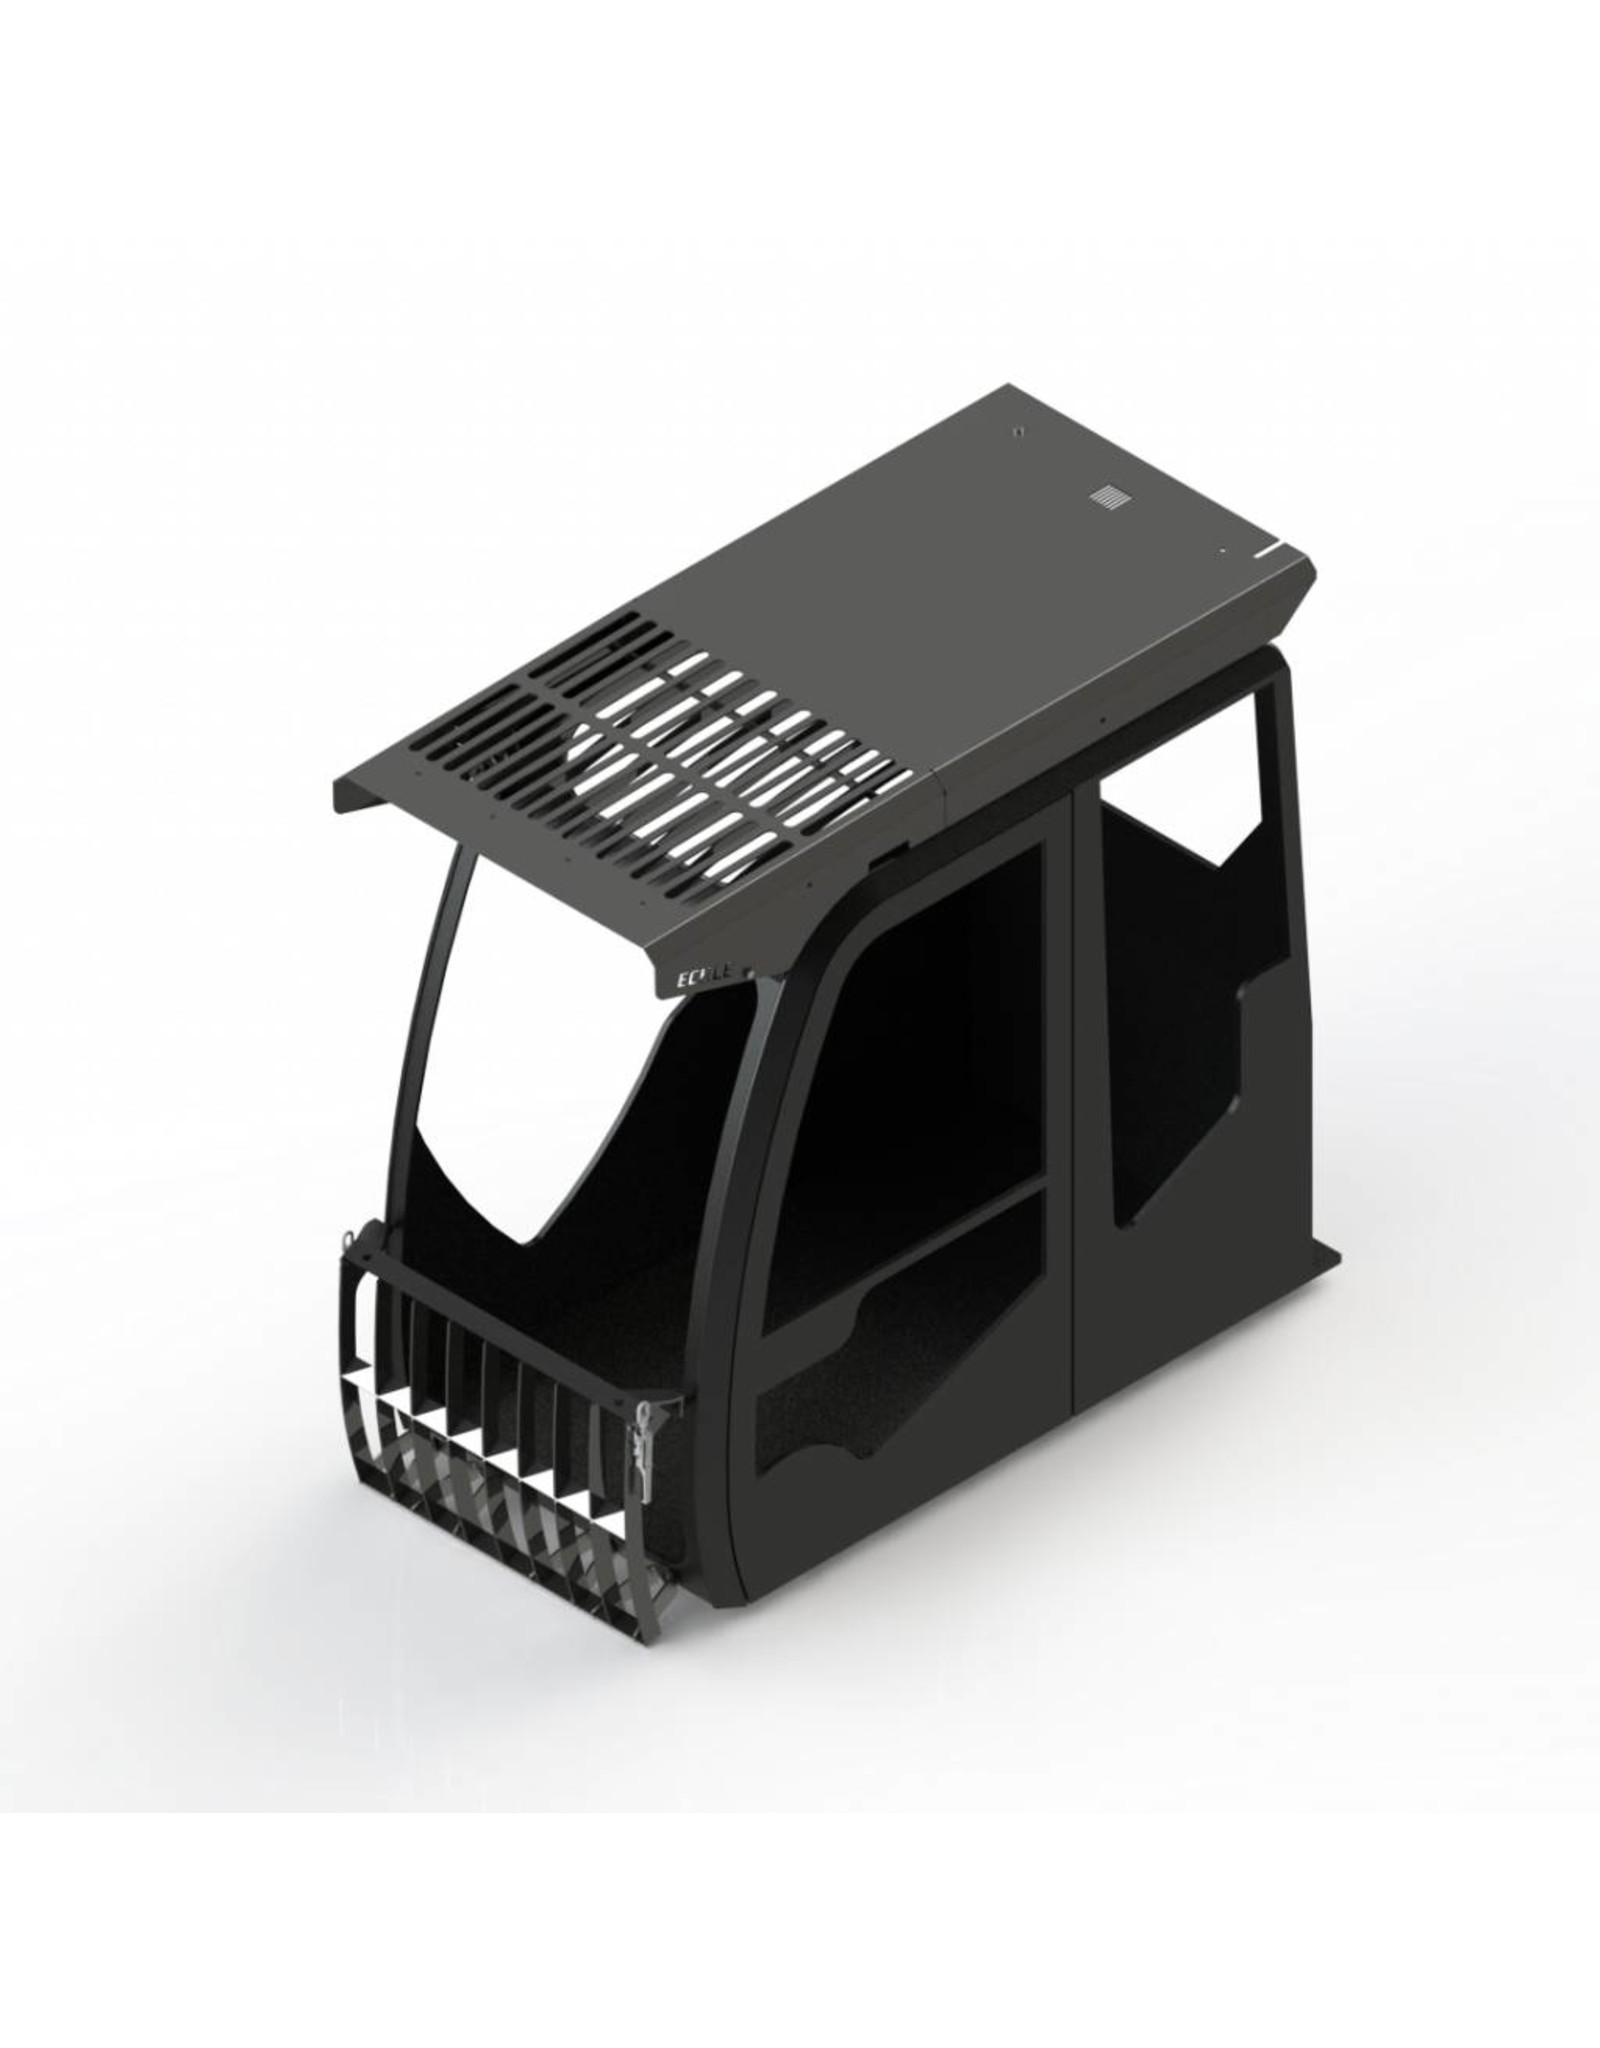 Echle Hartstahl GmbH FOPS for Liebherr LH 40